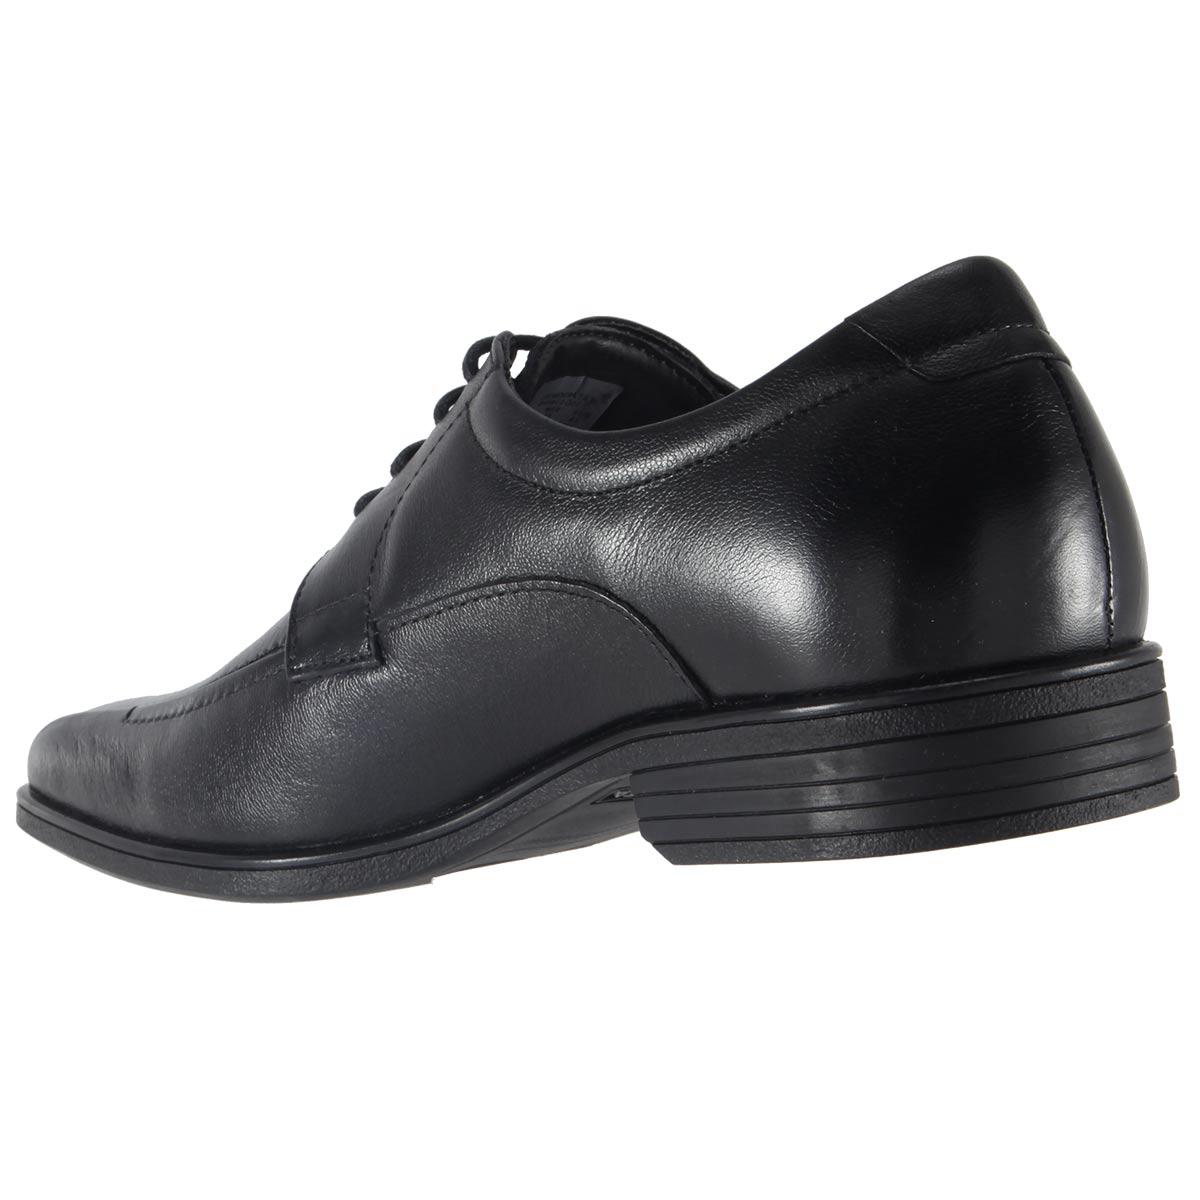 Sapato Social Democrata Alpha Flex Masculino Couro Cadarço 045012  - Ian Calçados